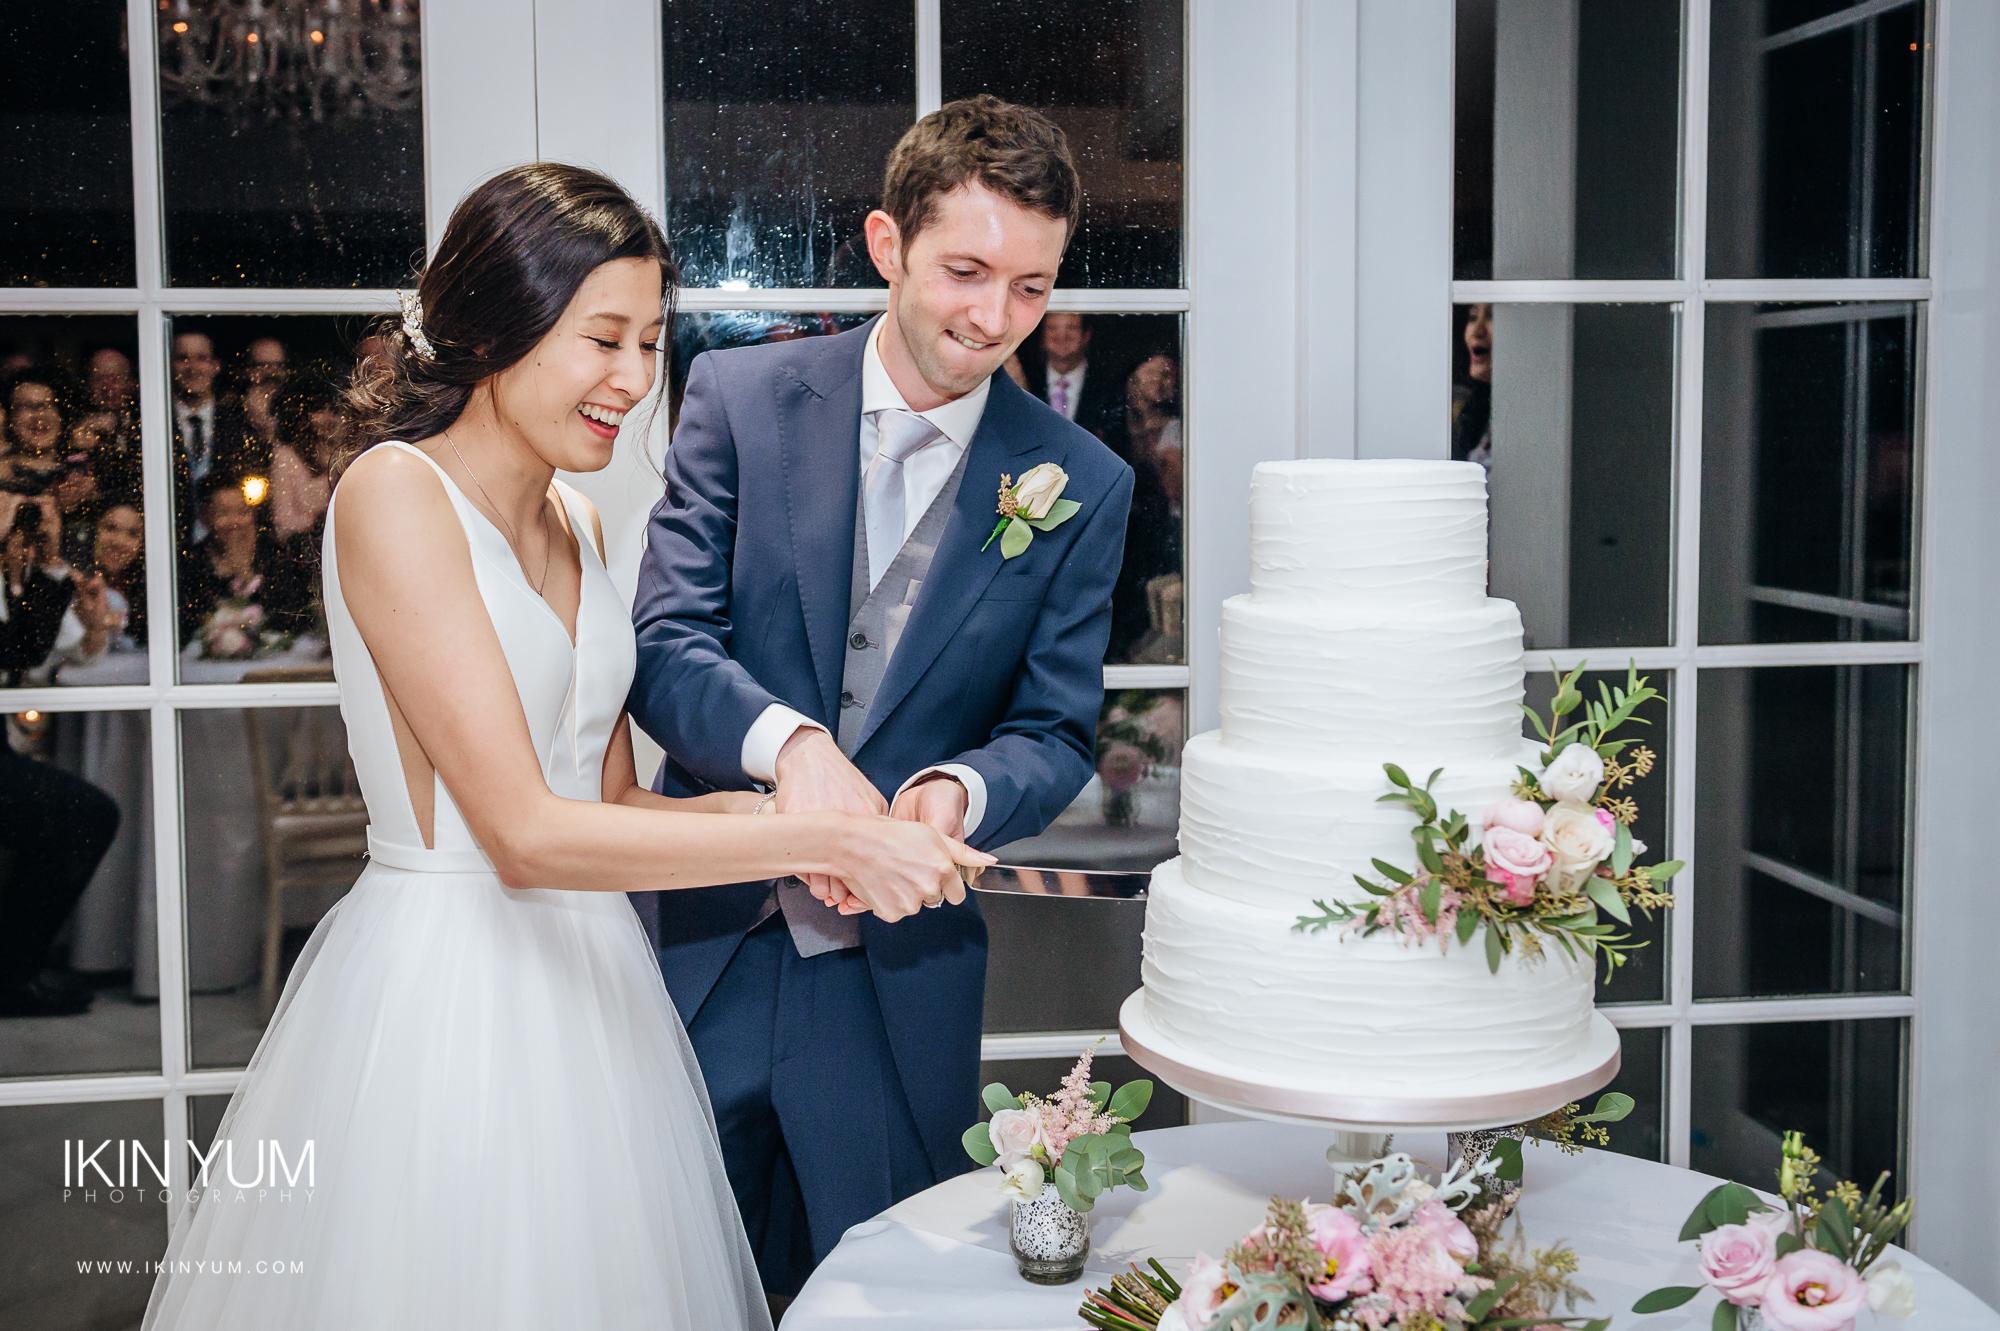 Nicola & Jonny Wedding Day - Ikin Yum Photography-127.jpg